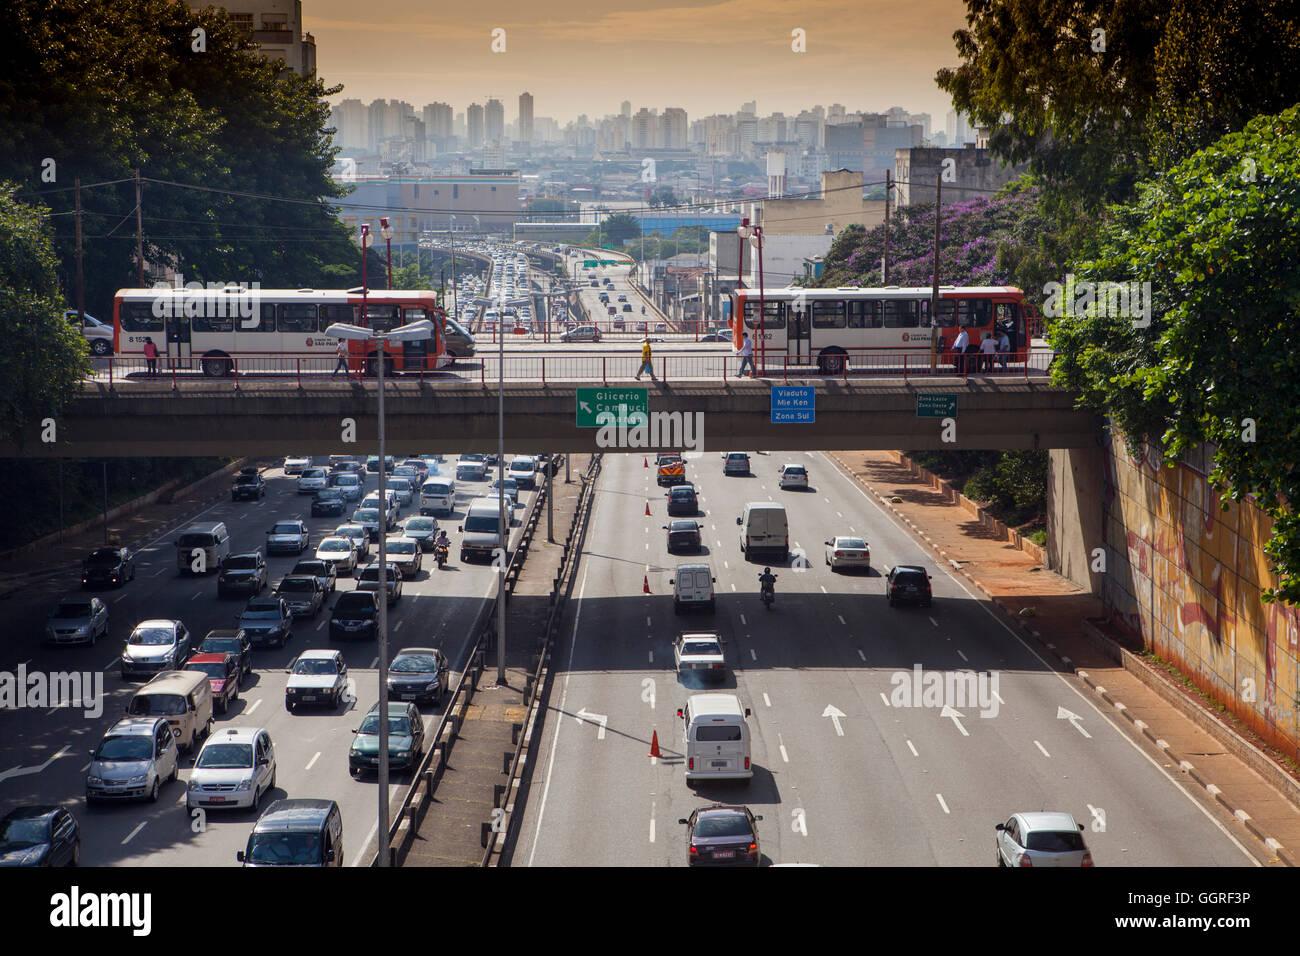 Traffic on Avenida 23 de Maio in Sao Paulo city centre - Stock Image